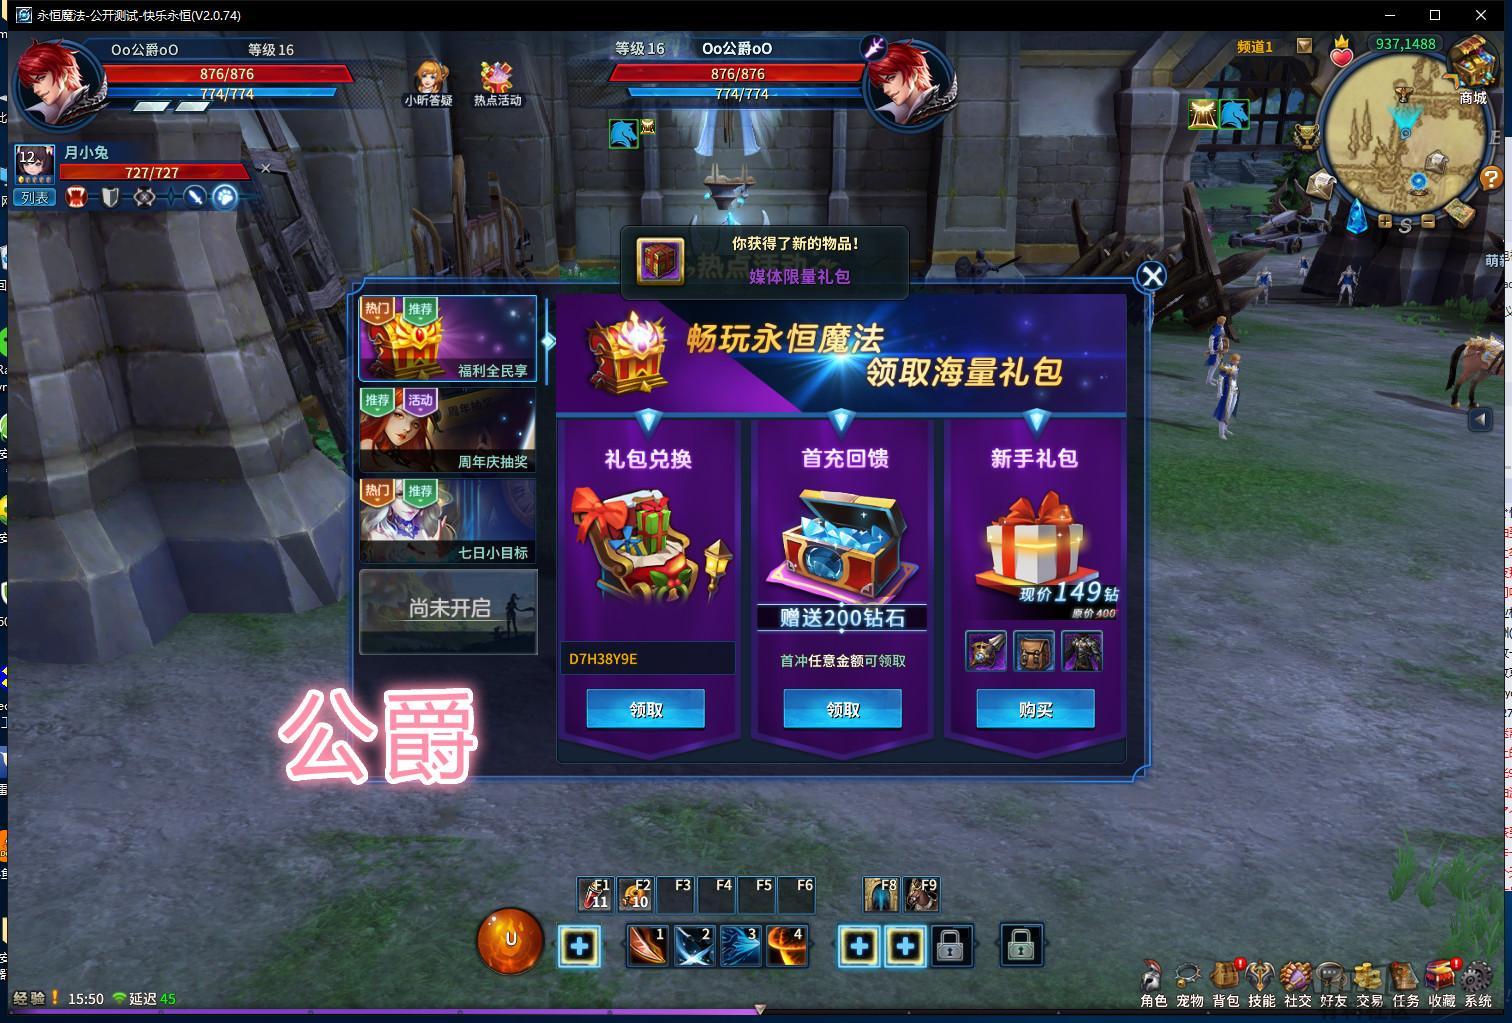 永恒魔法 快乐永恒区 礼包对面界面_meitu_2.jpg